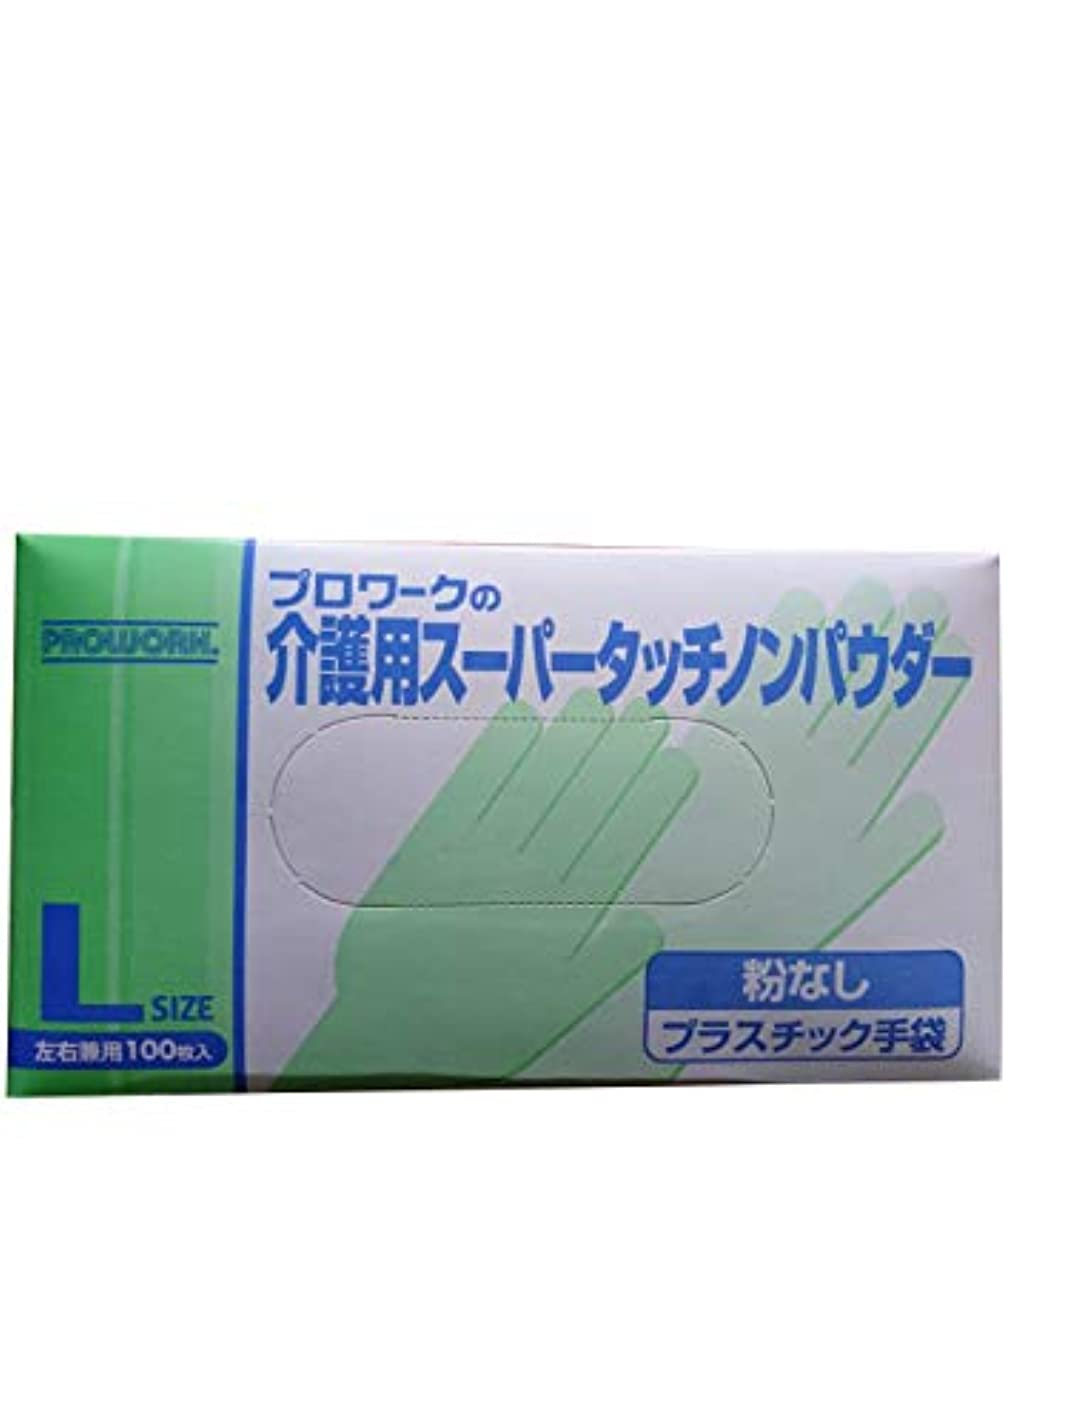 介護用スーパータッチノンパウダー プラスチック手袋 粉なし Lサイズ 左右兼用100枚入